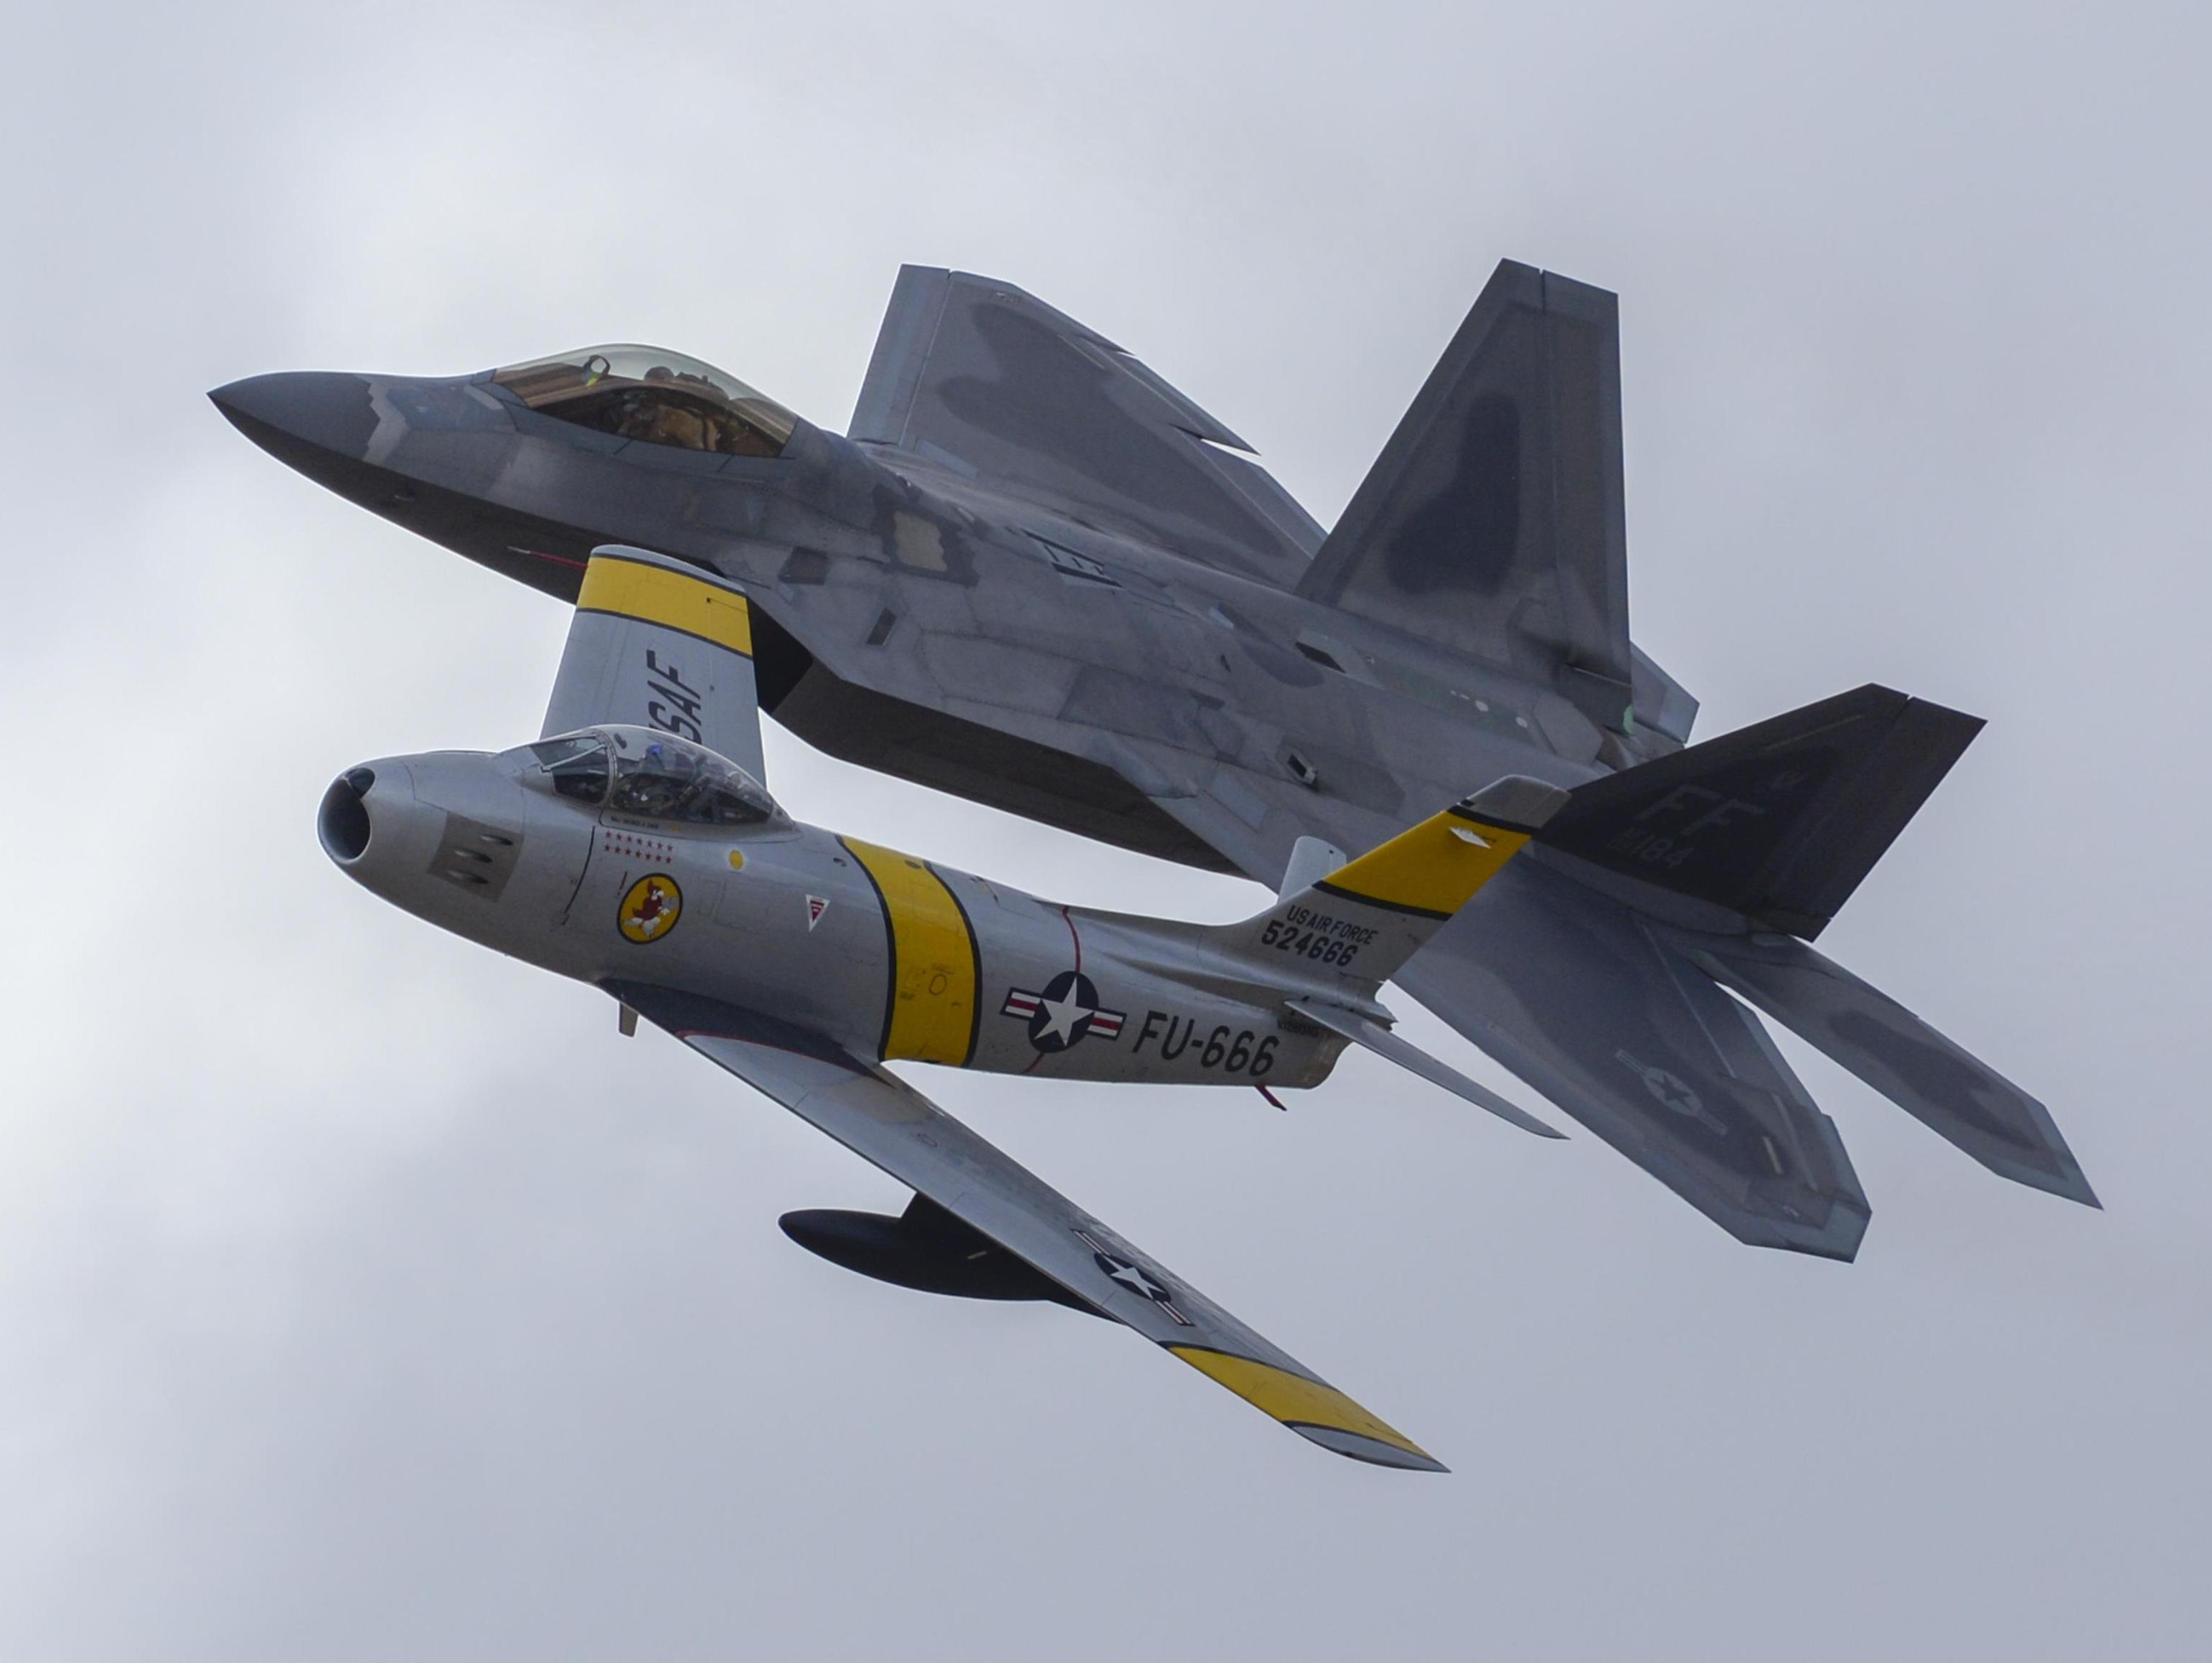 F-22 Raptor e F-86 Sabre em formatura - destaque foto USAF